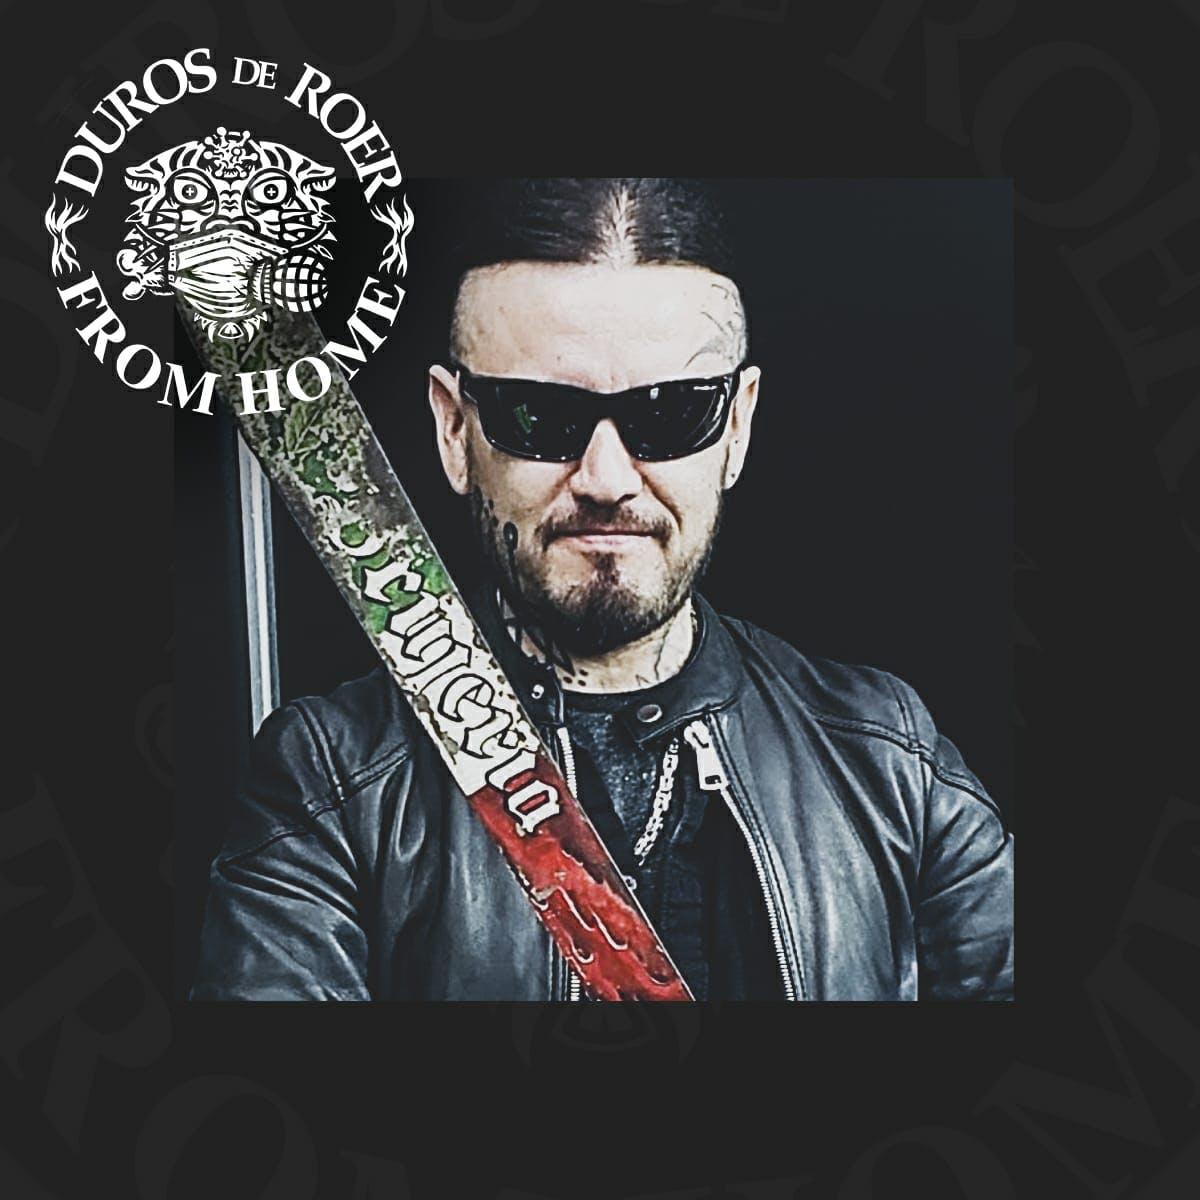 Carlos Aguilar - Duros de Roer - Emisor Podcasting